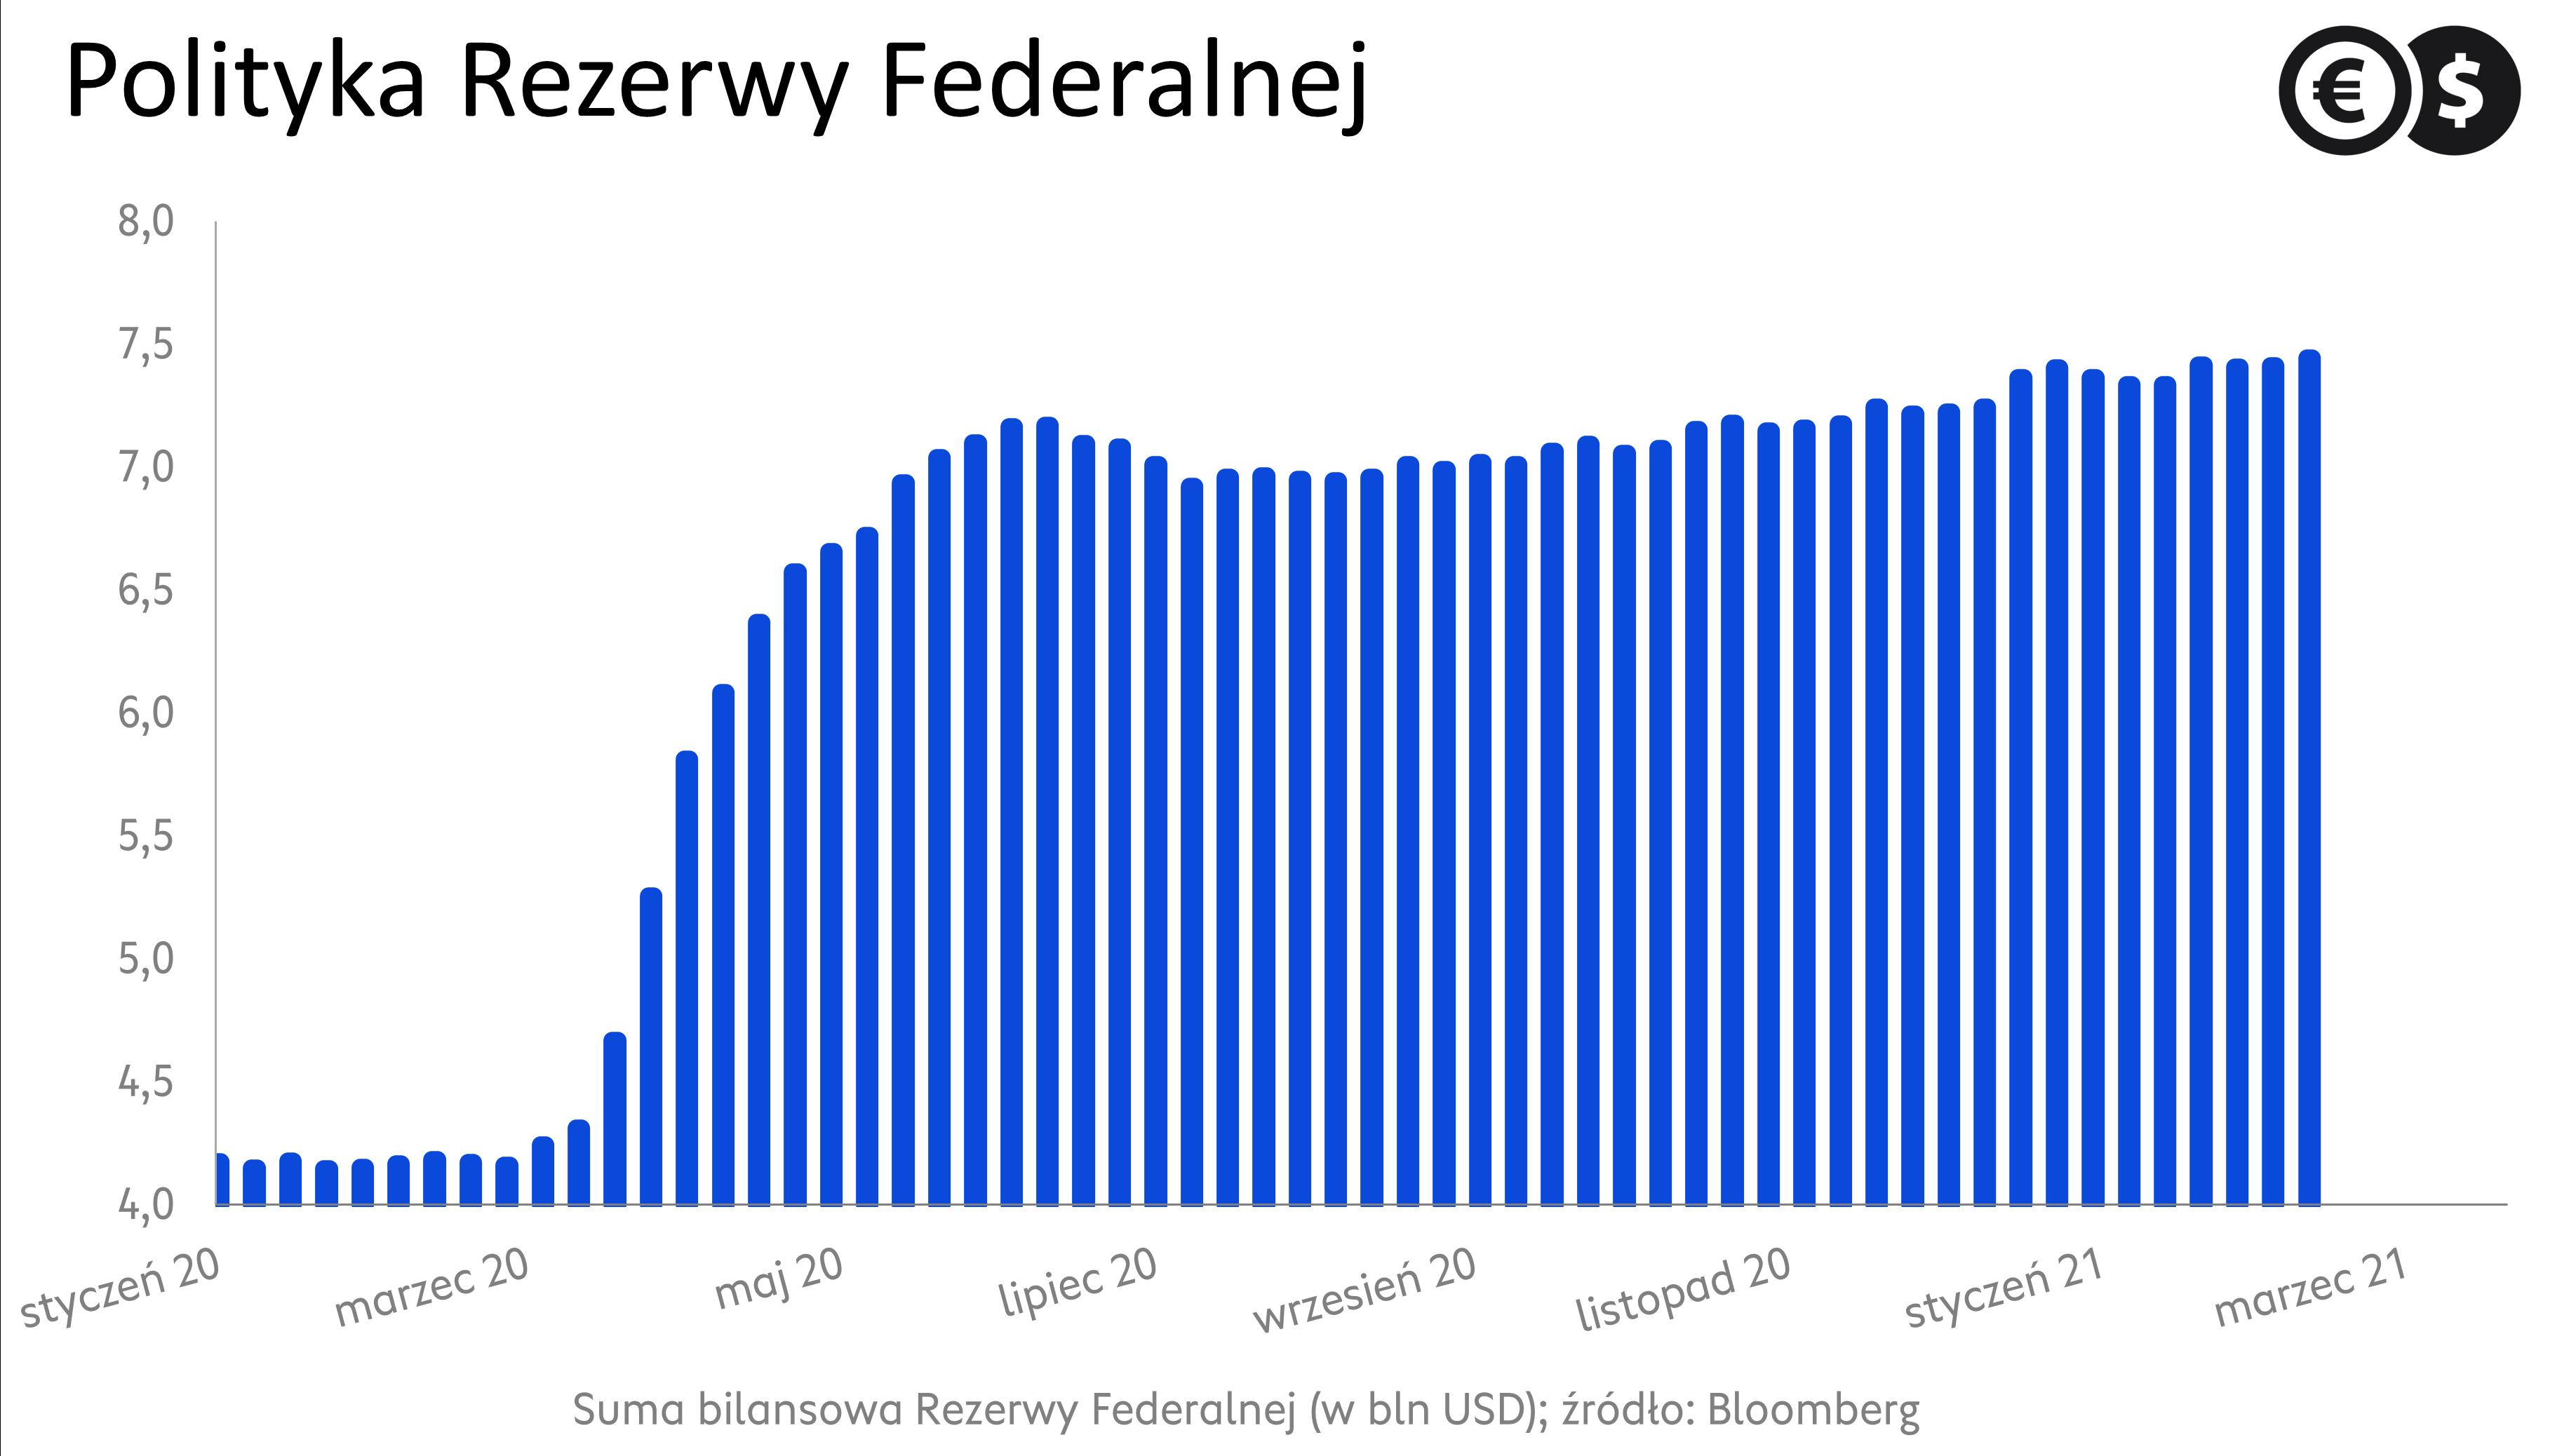 Suma bilansowa Rezerwy Federalnej